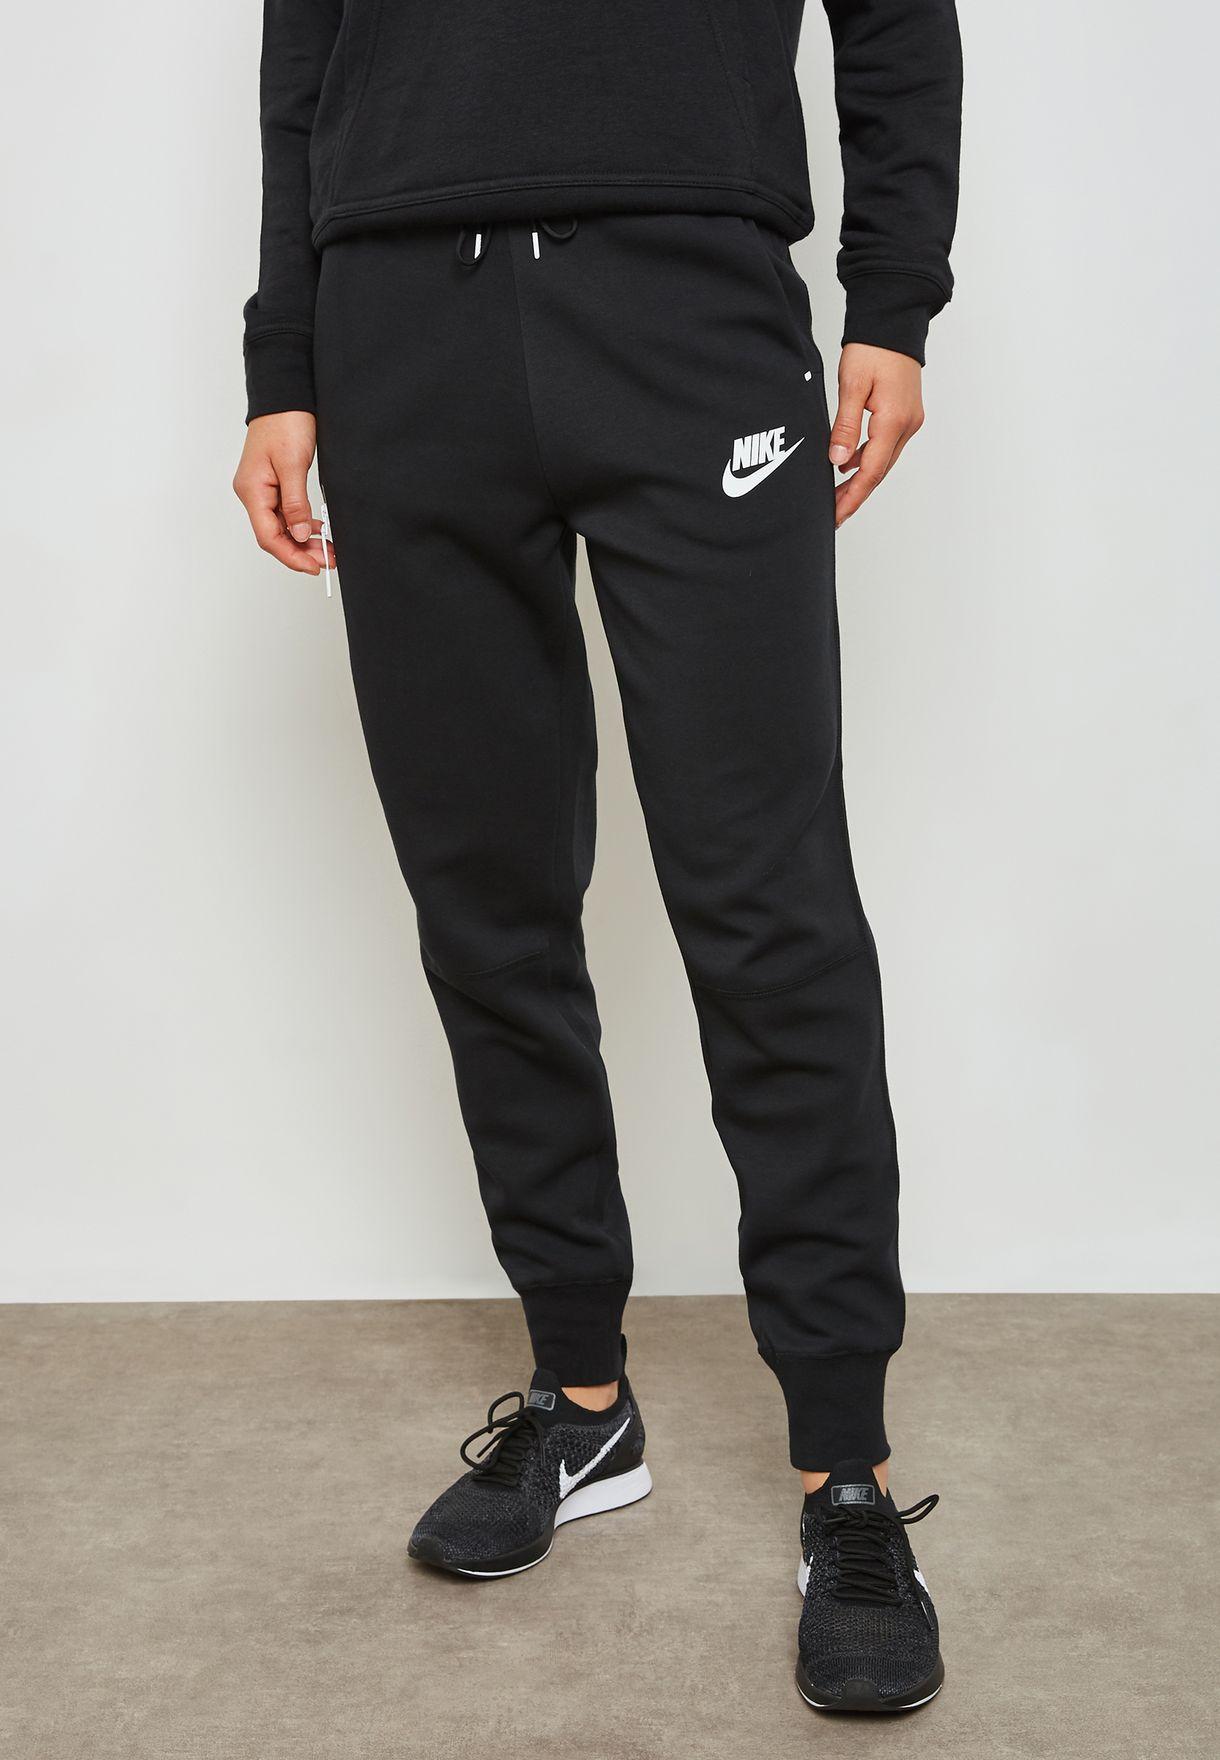 Buy Nike Black Tech Fleece Sweatpants For Women In Mena Worldwide 931828 011